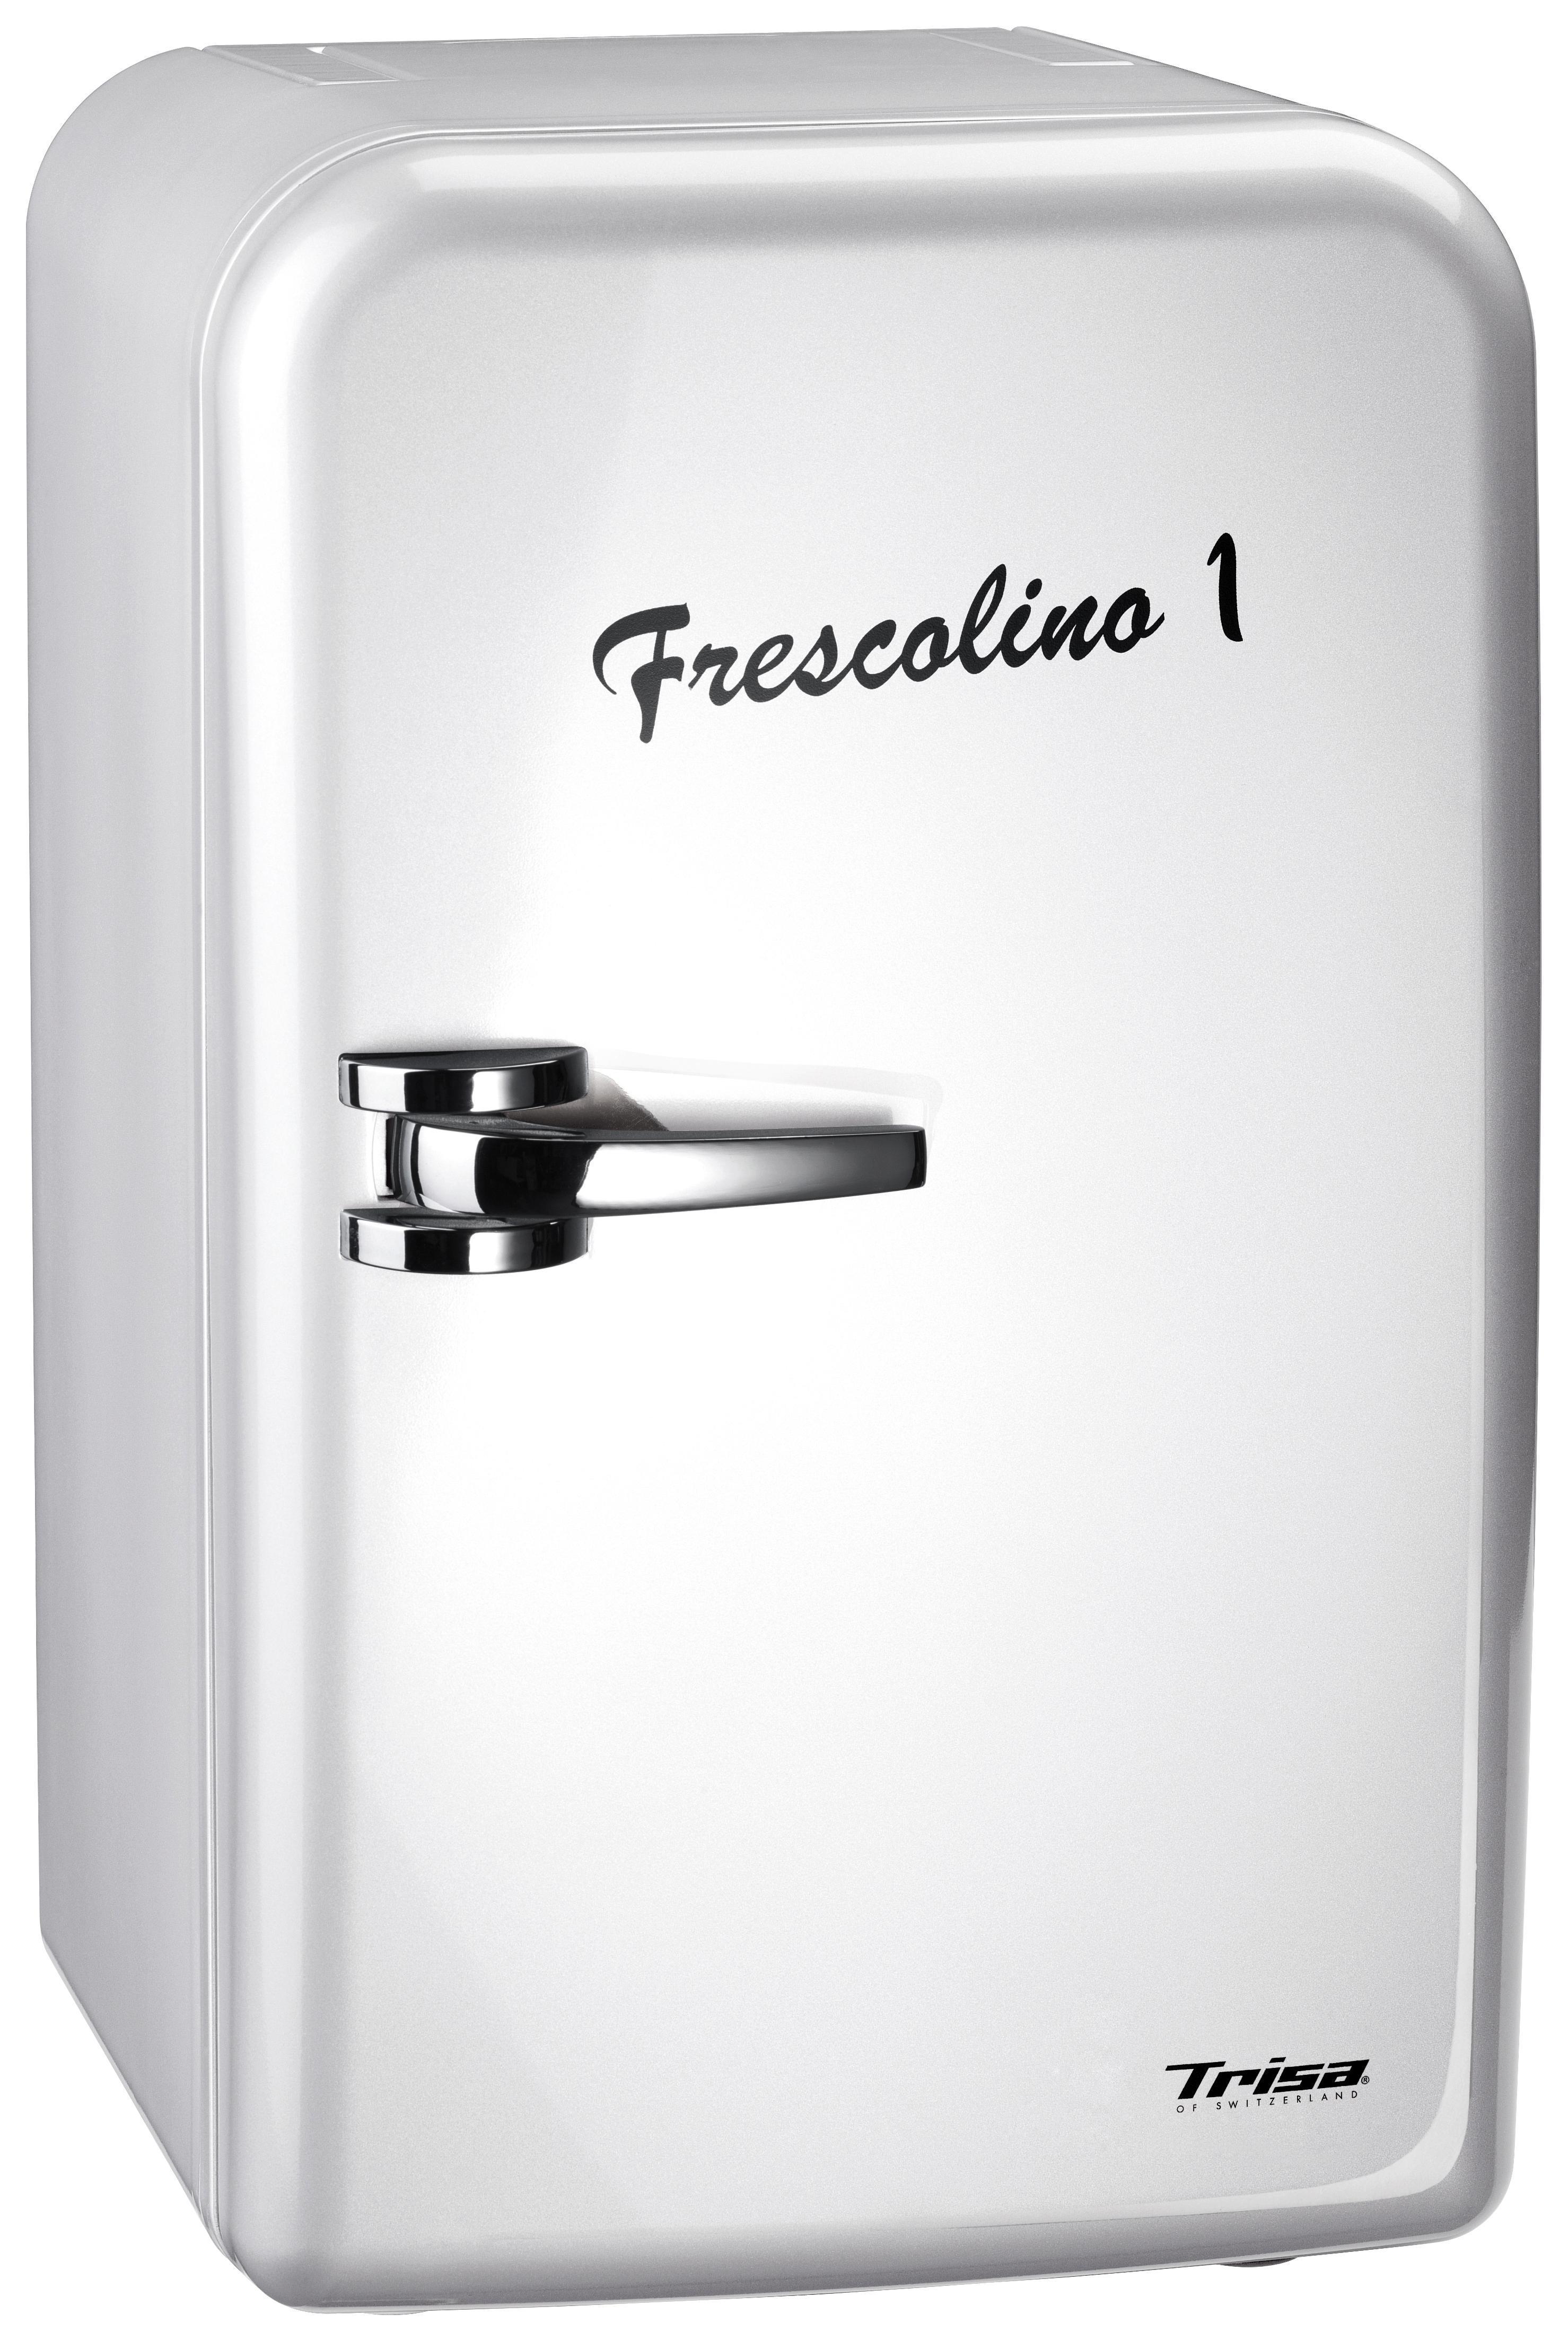 Mini Kühlschrank Preis : Minikühlschrank frescolino online kaufen ➤ möbelix